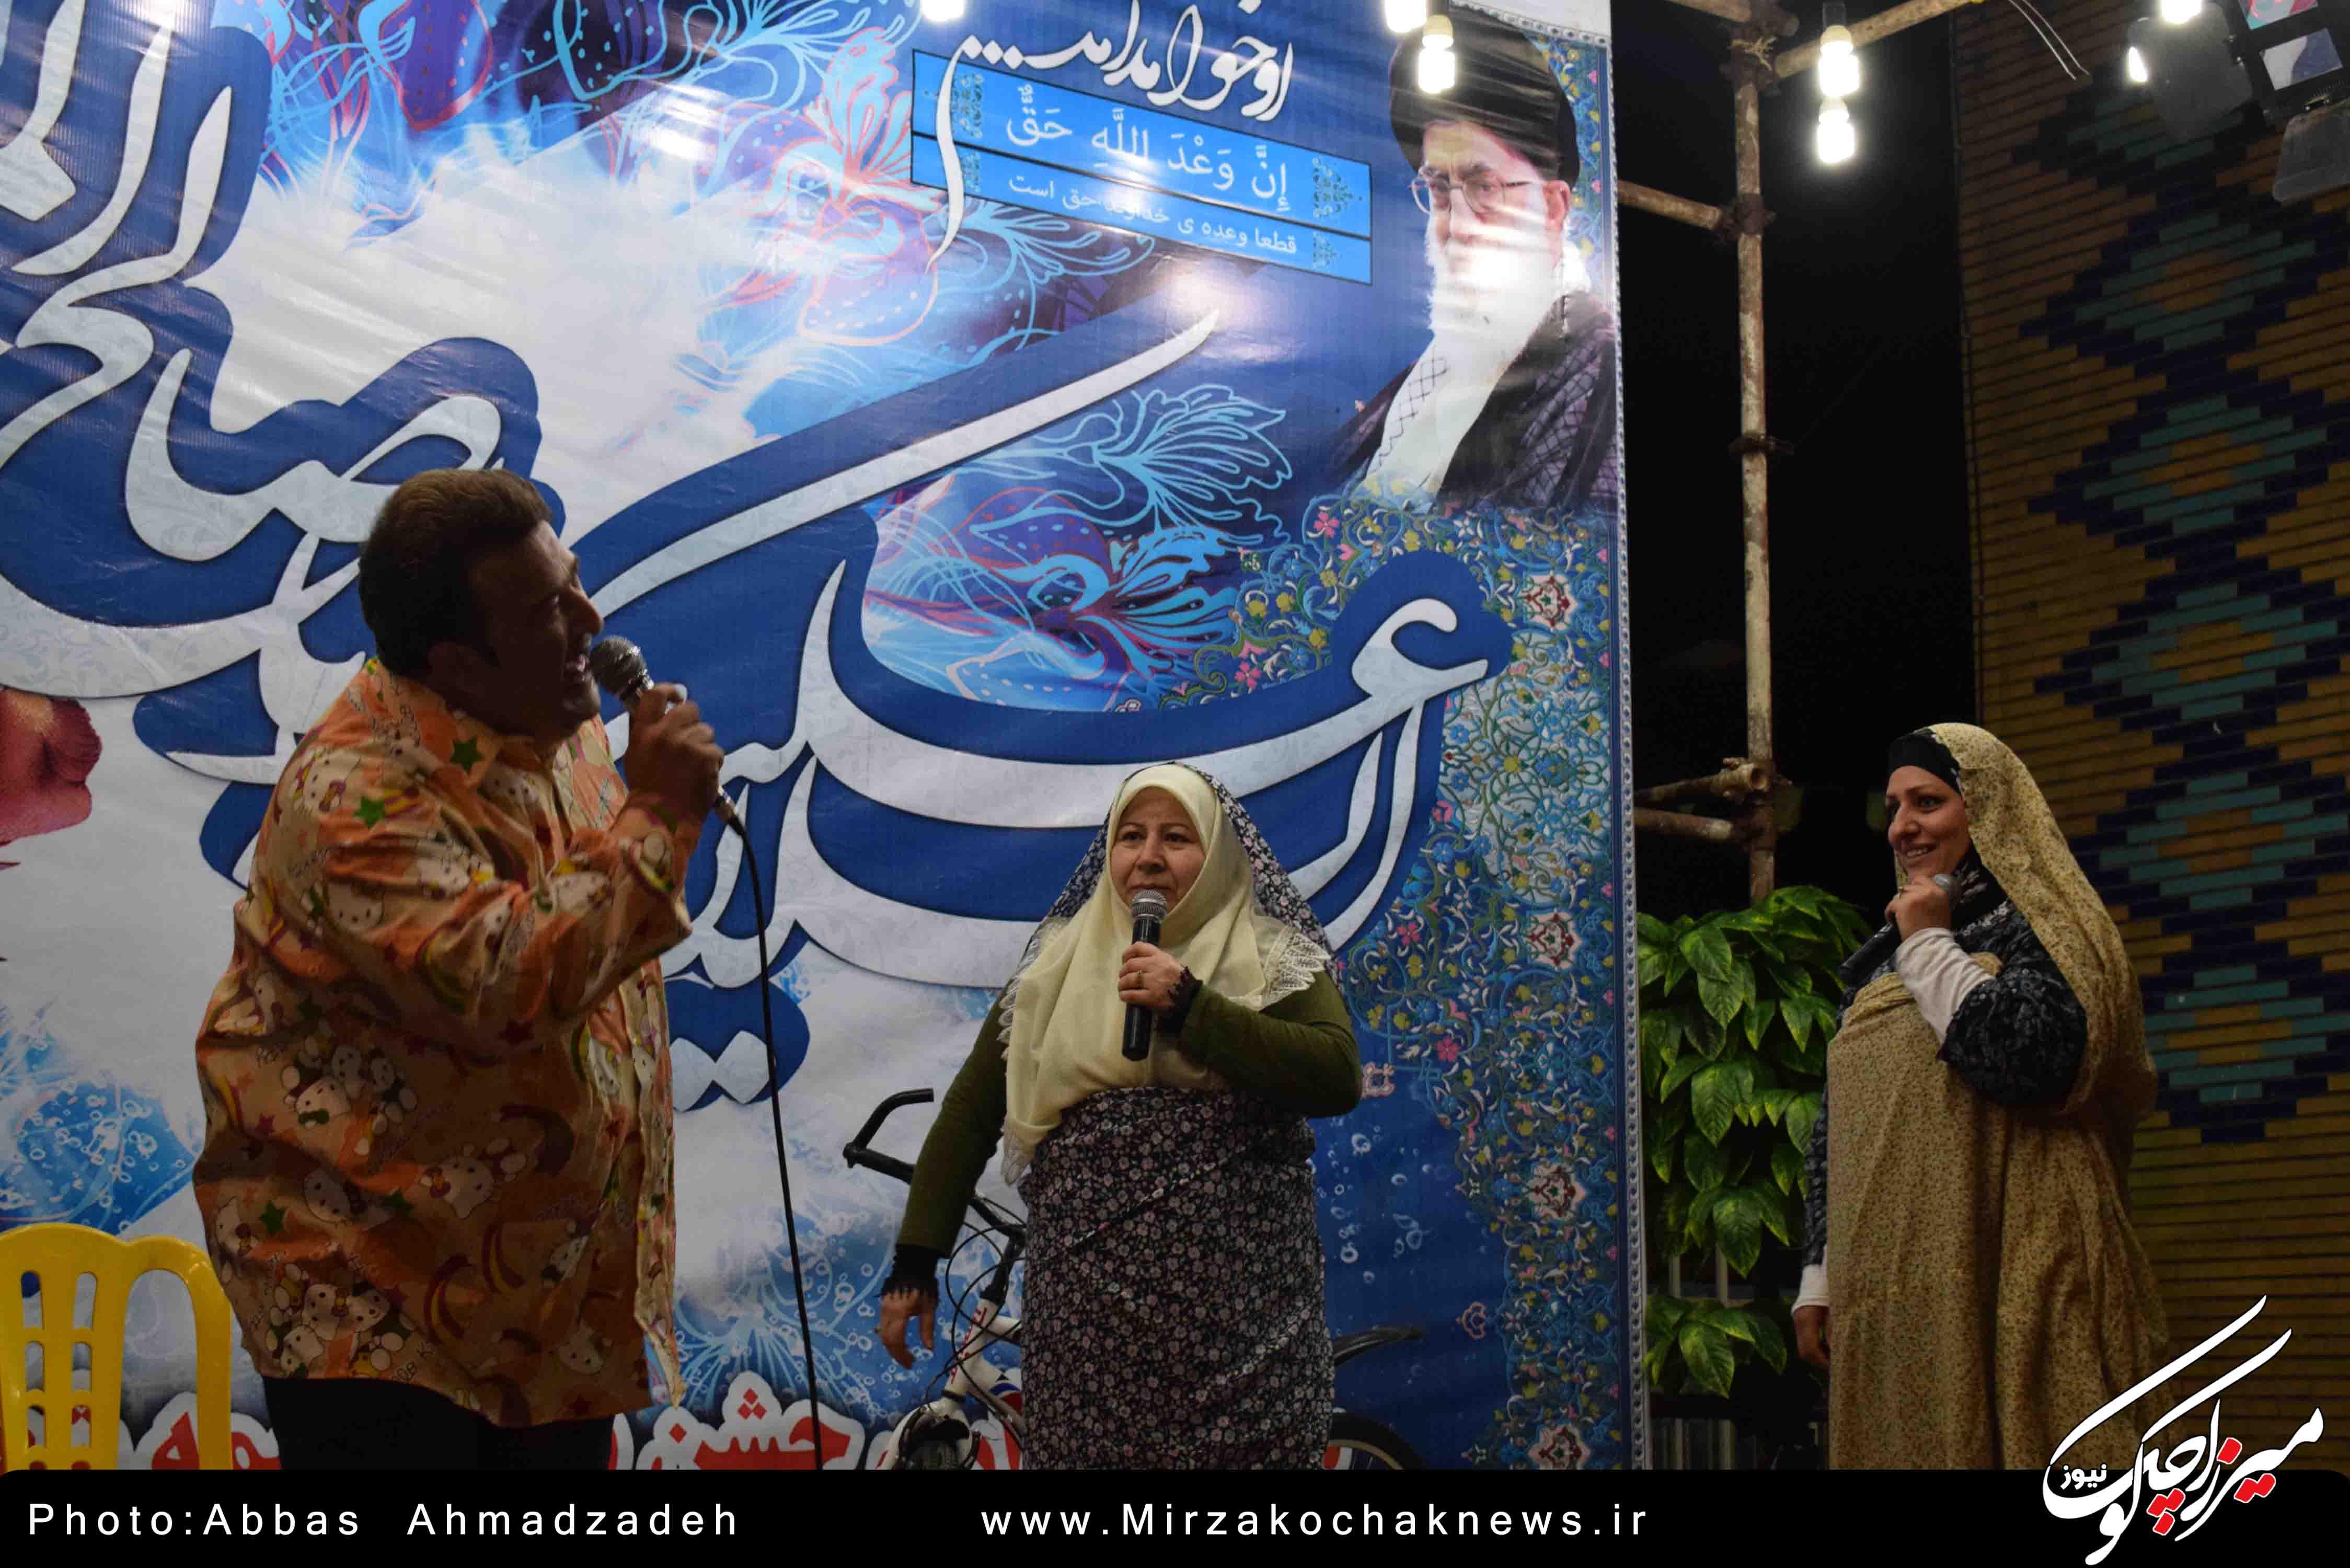 گزارش تصویری جشن نیمه شعبان در شهر گوراب زرمیخ